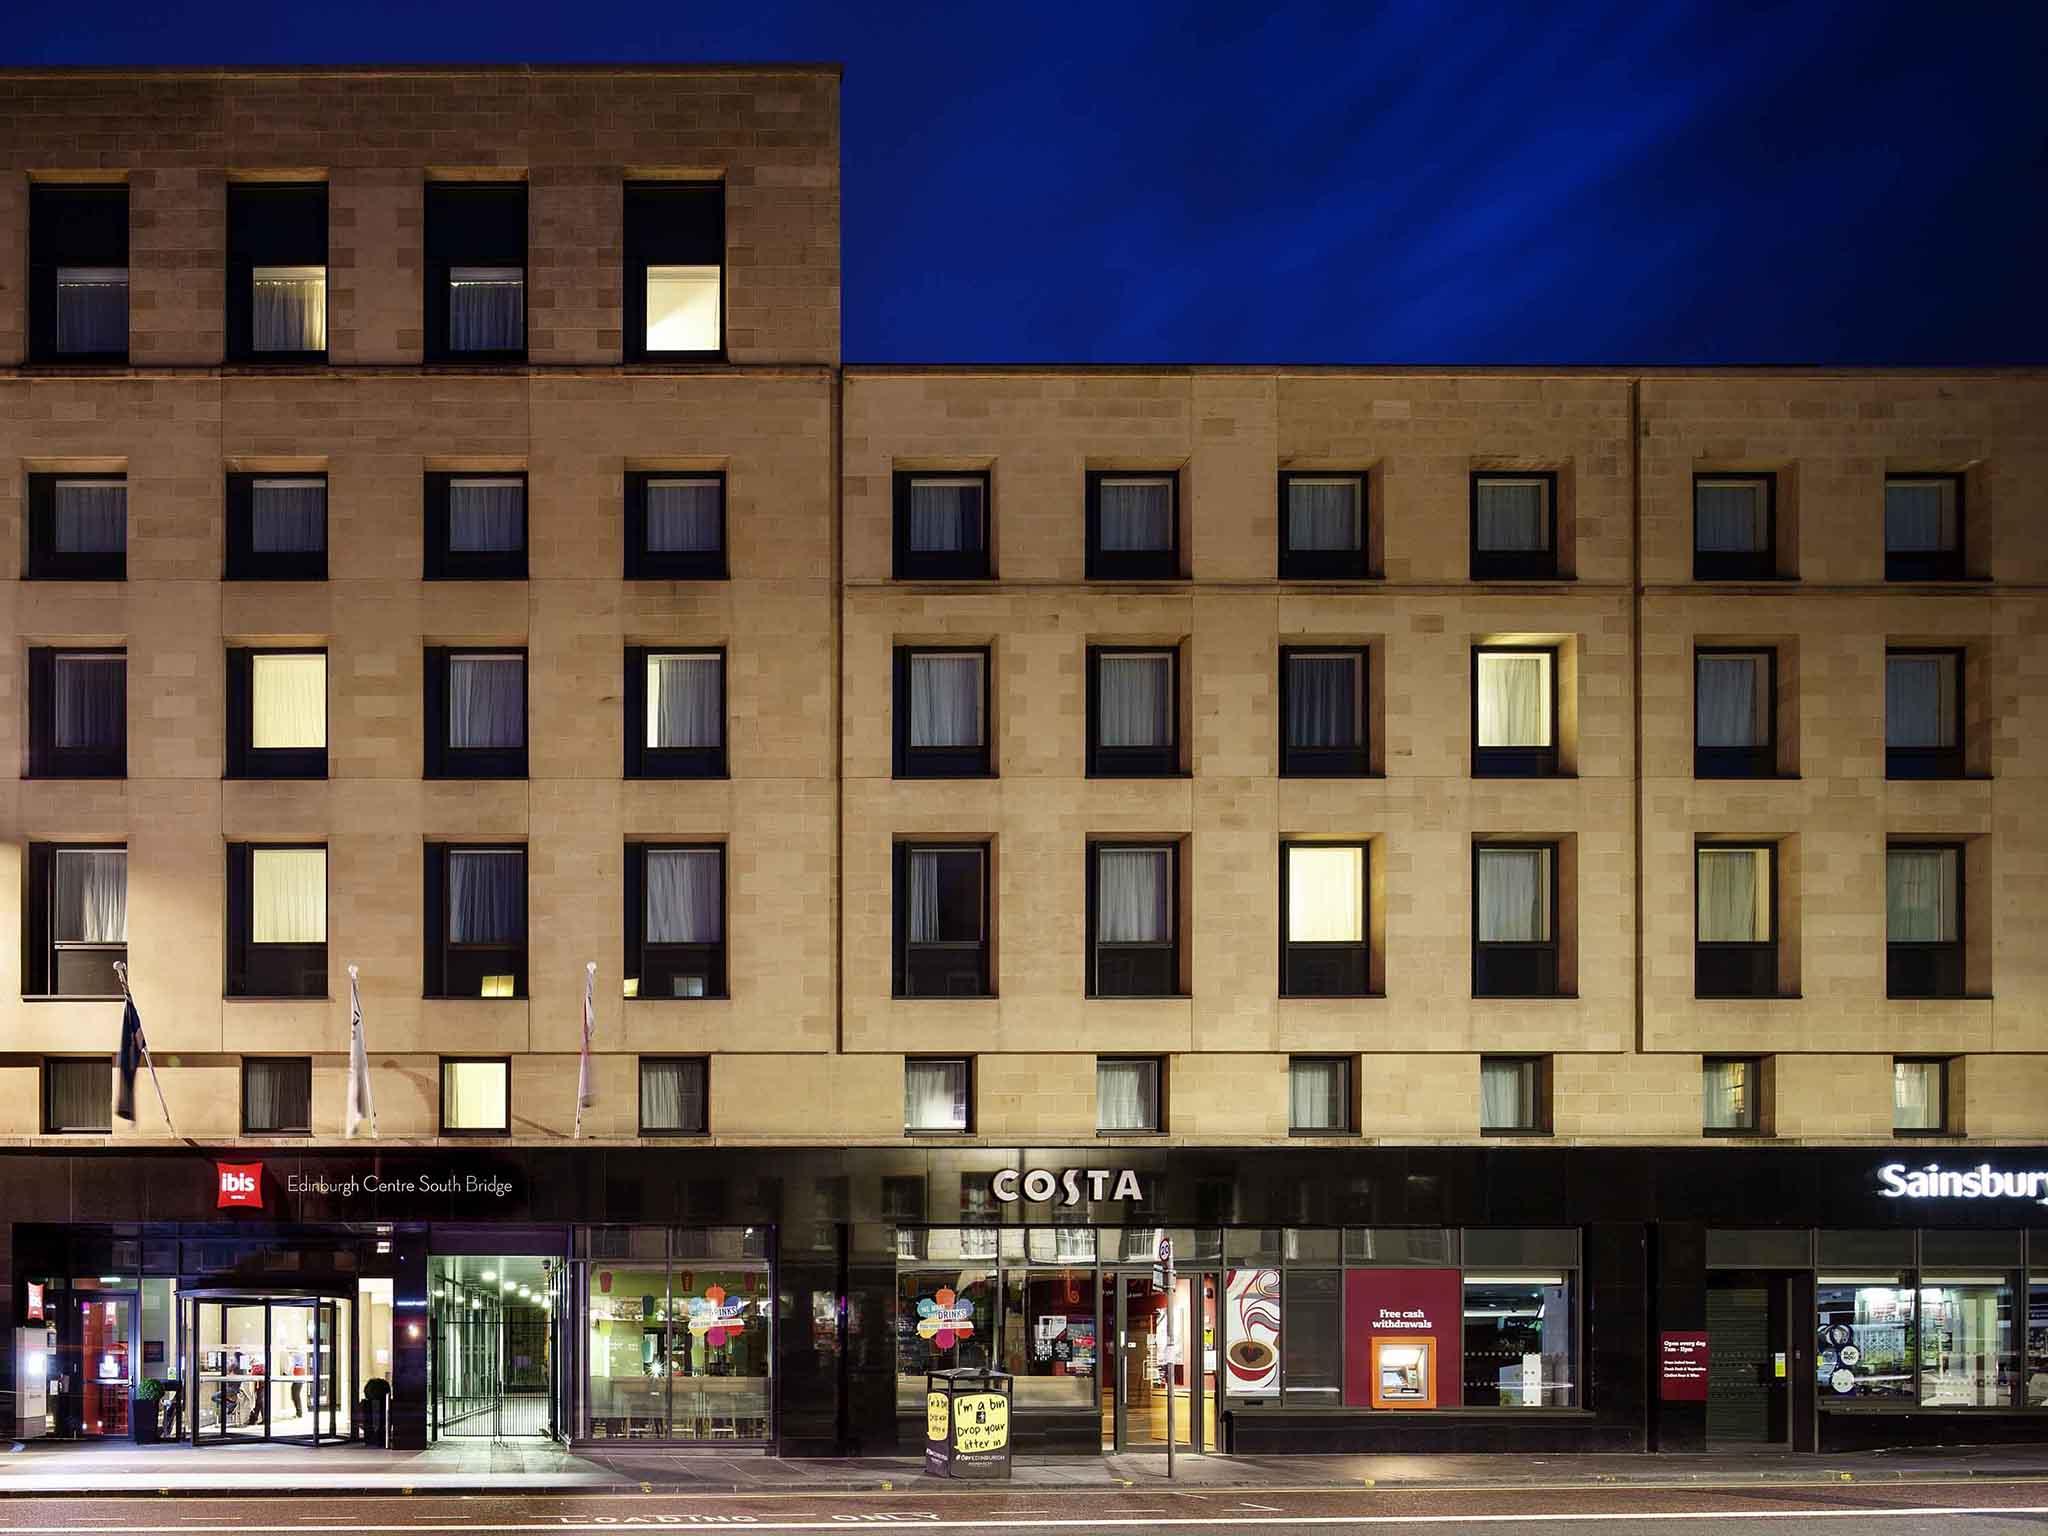 酒店 – 宜必思爱丁堡中心南桥皇家一英里大道酒店